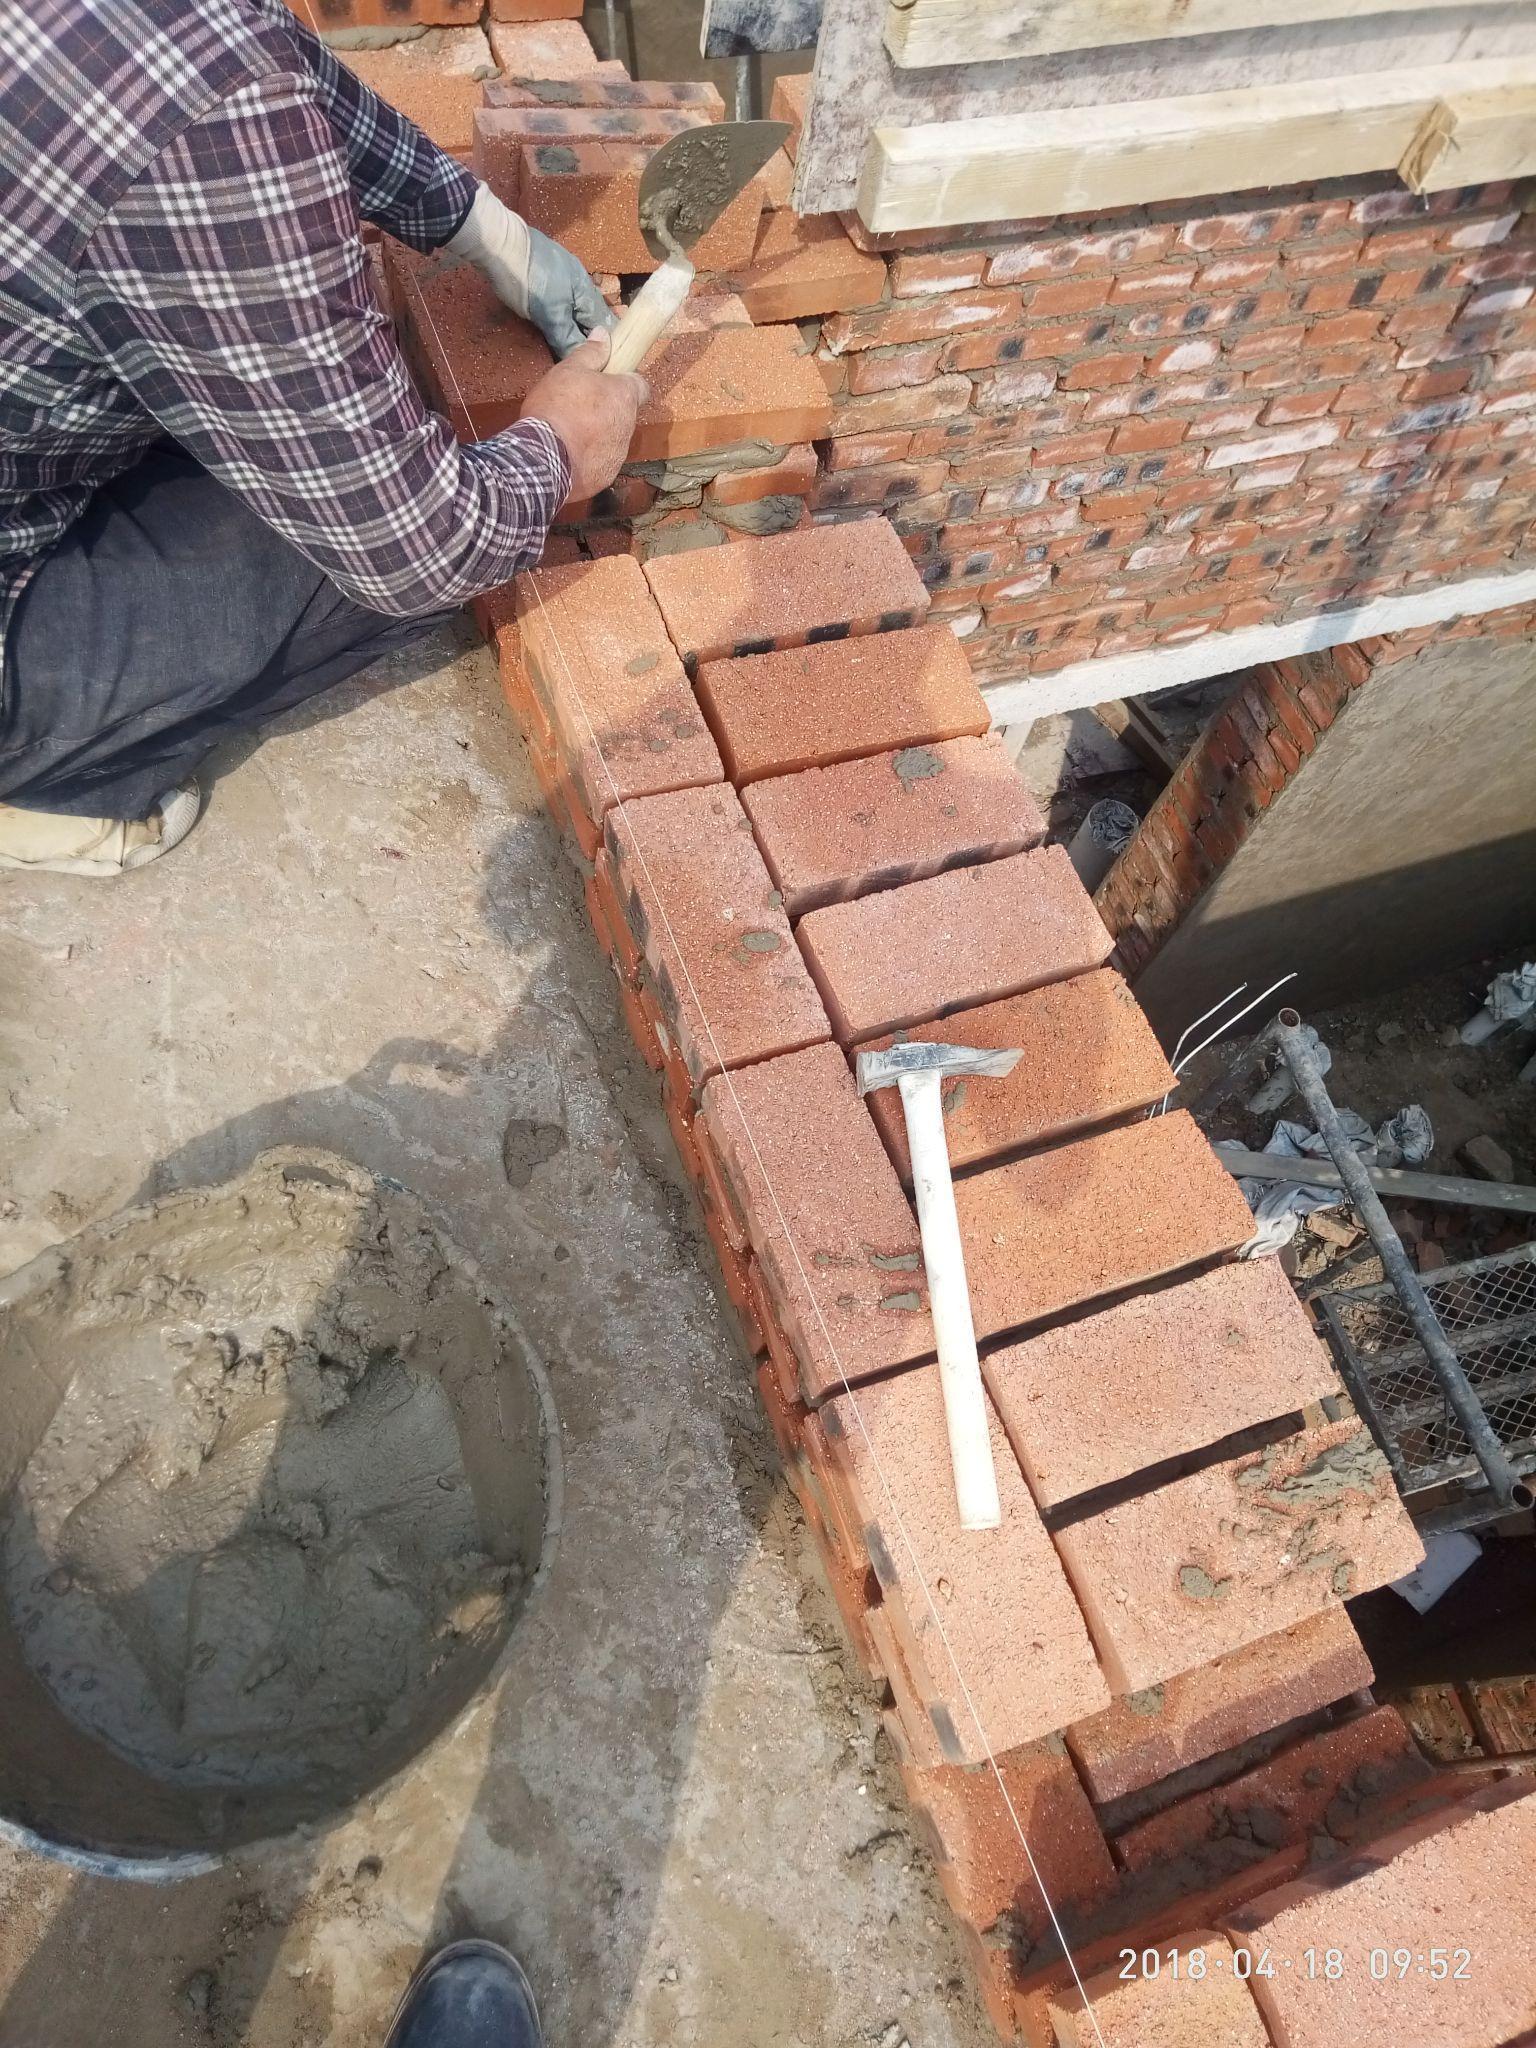 24墙砌墙图_标准砖的尺寸(240/115/53mm)是怎么确定的?为什么是这样的? - 知乎